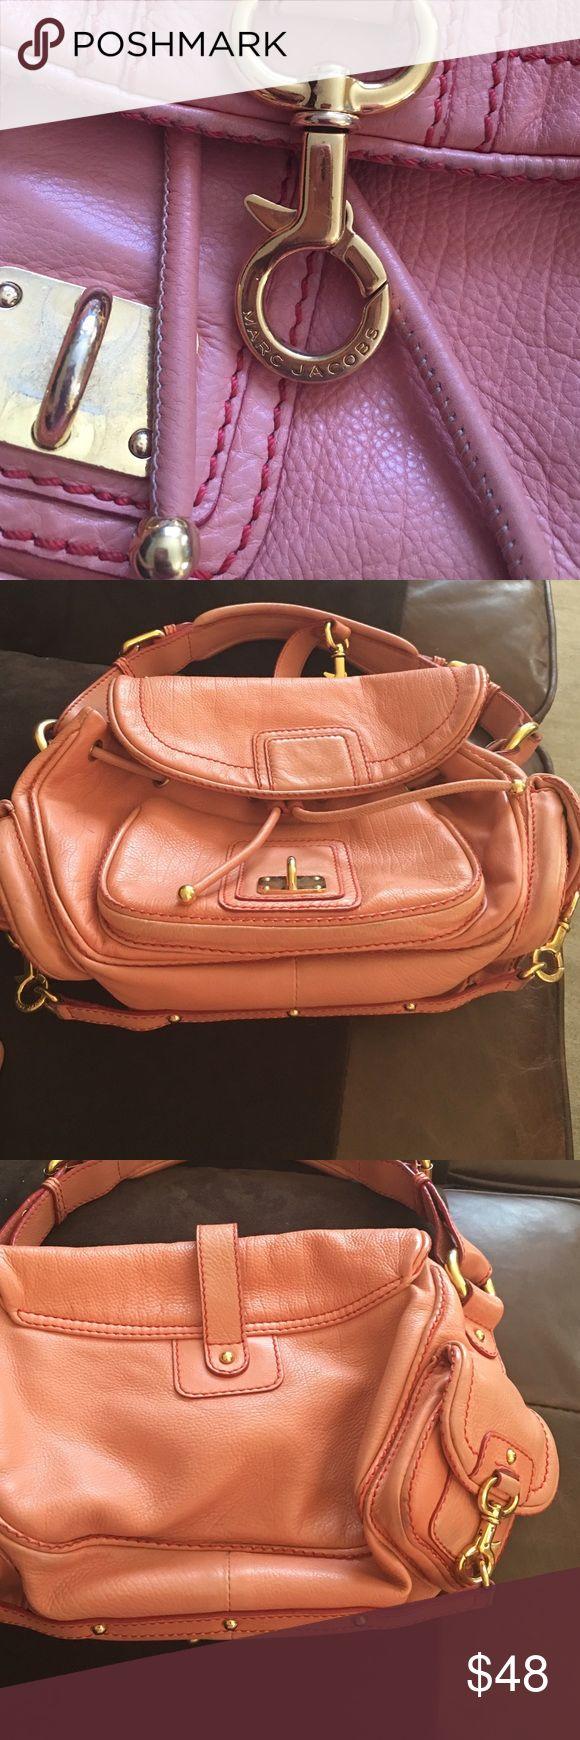 Marc Jacobs purse Salmon leather Marc Jacobs purse Bags Shoulder Bags